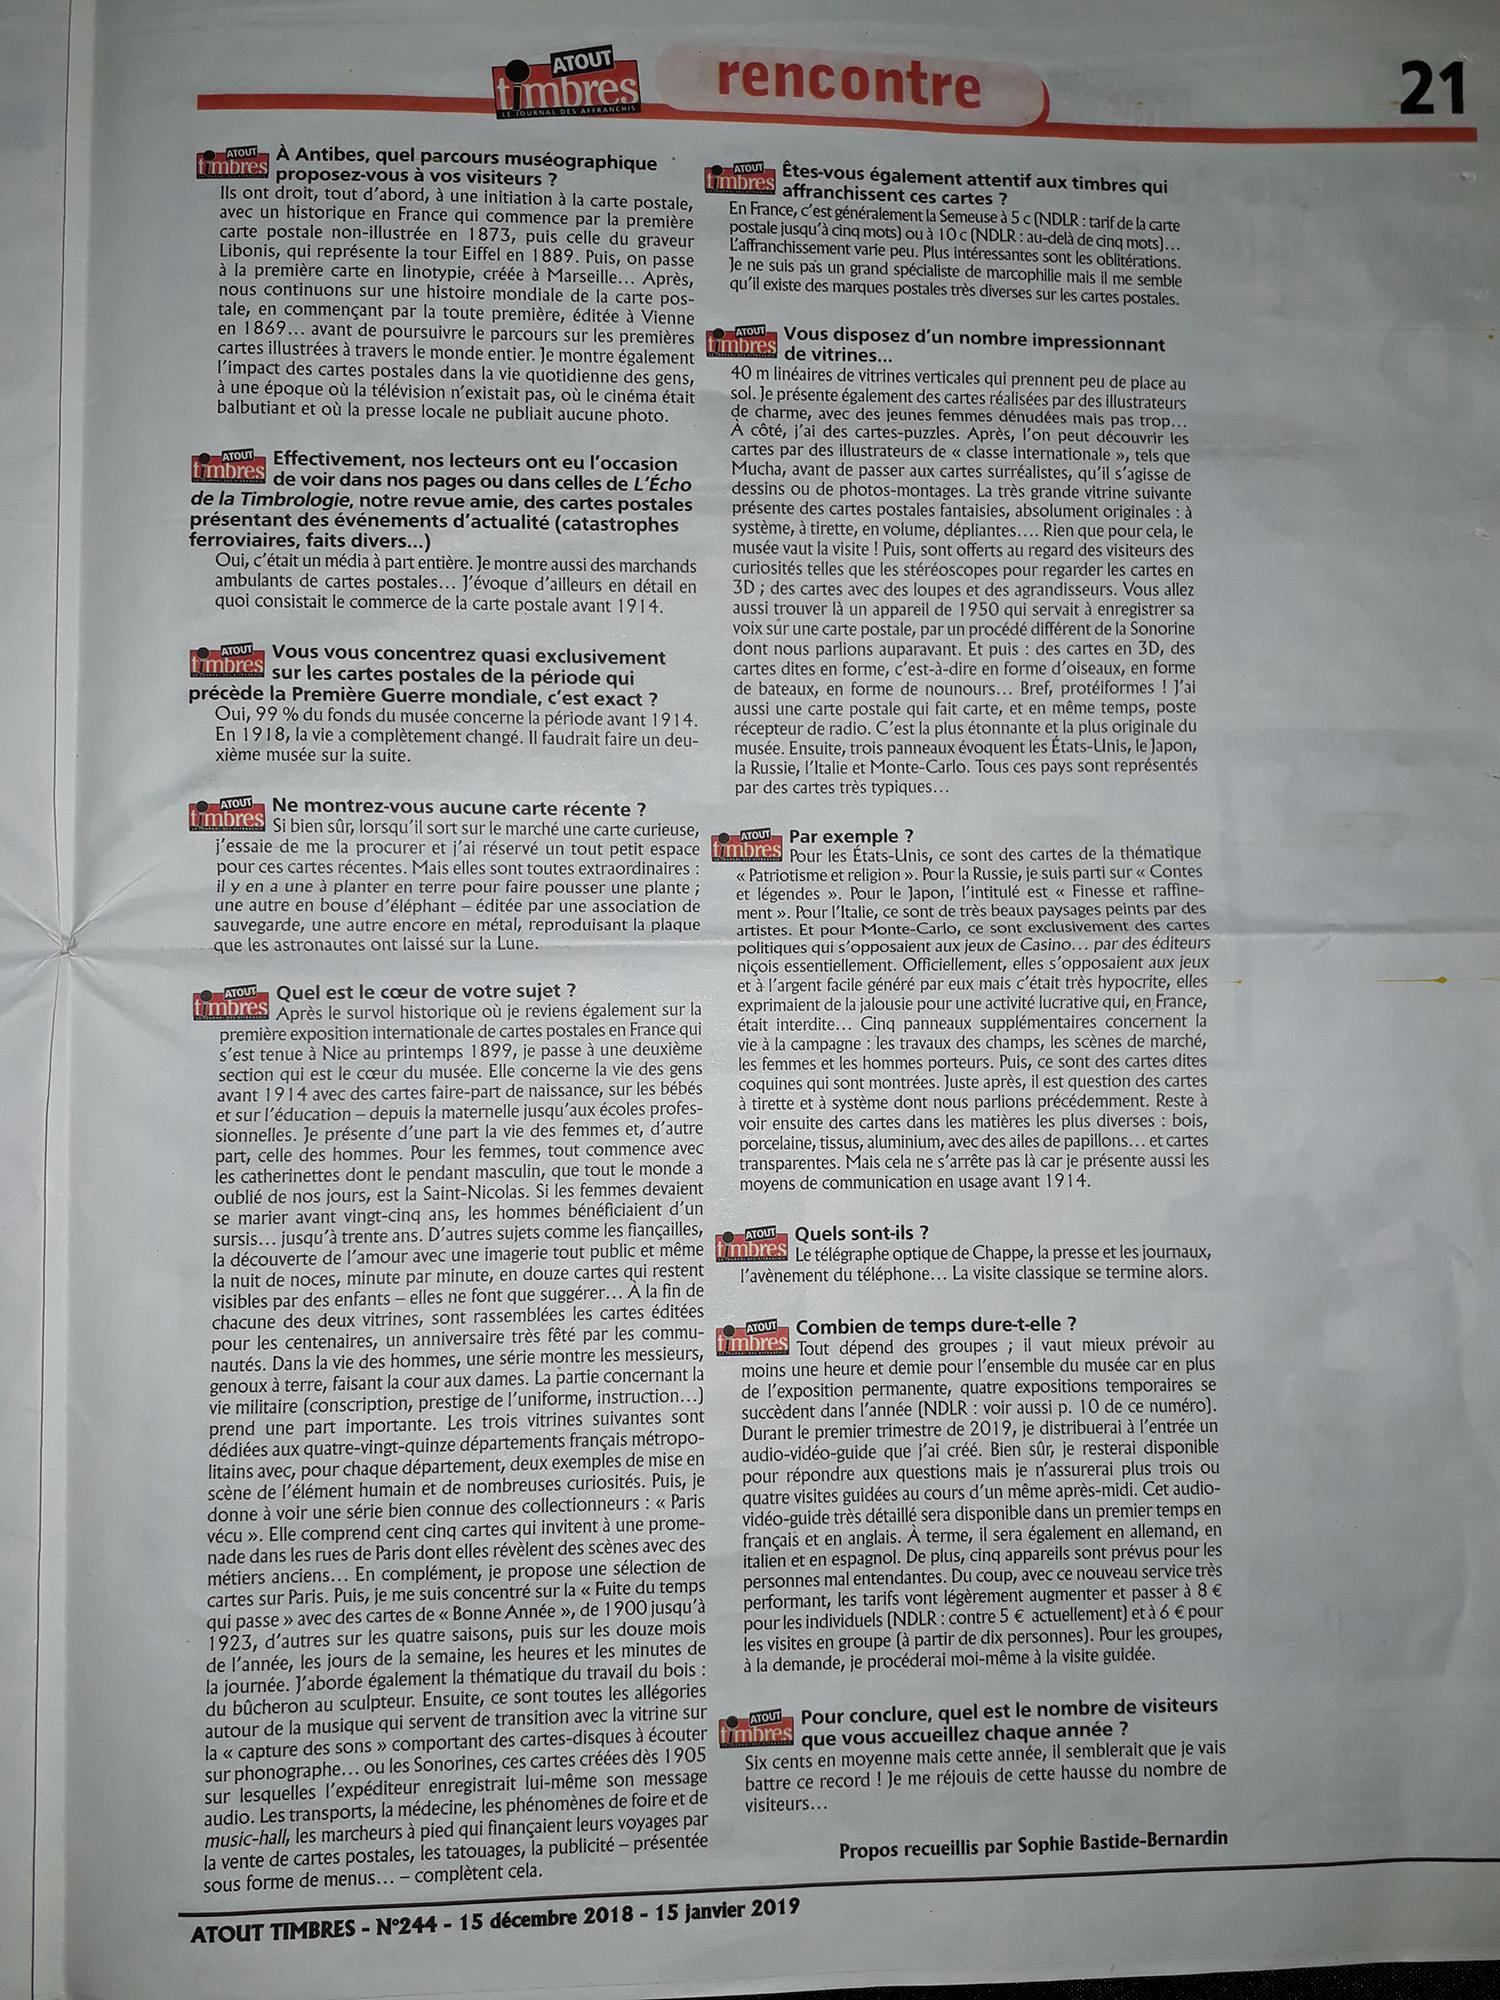 Suite de l'article dans Atout timbres du 15/12/2018 sur le Musée de la Carte Postale à Antibes.